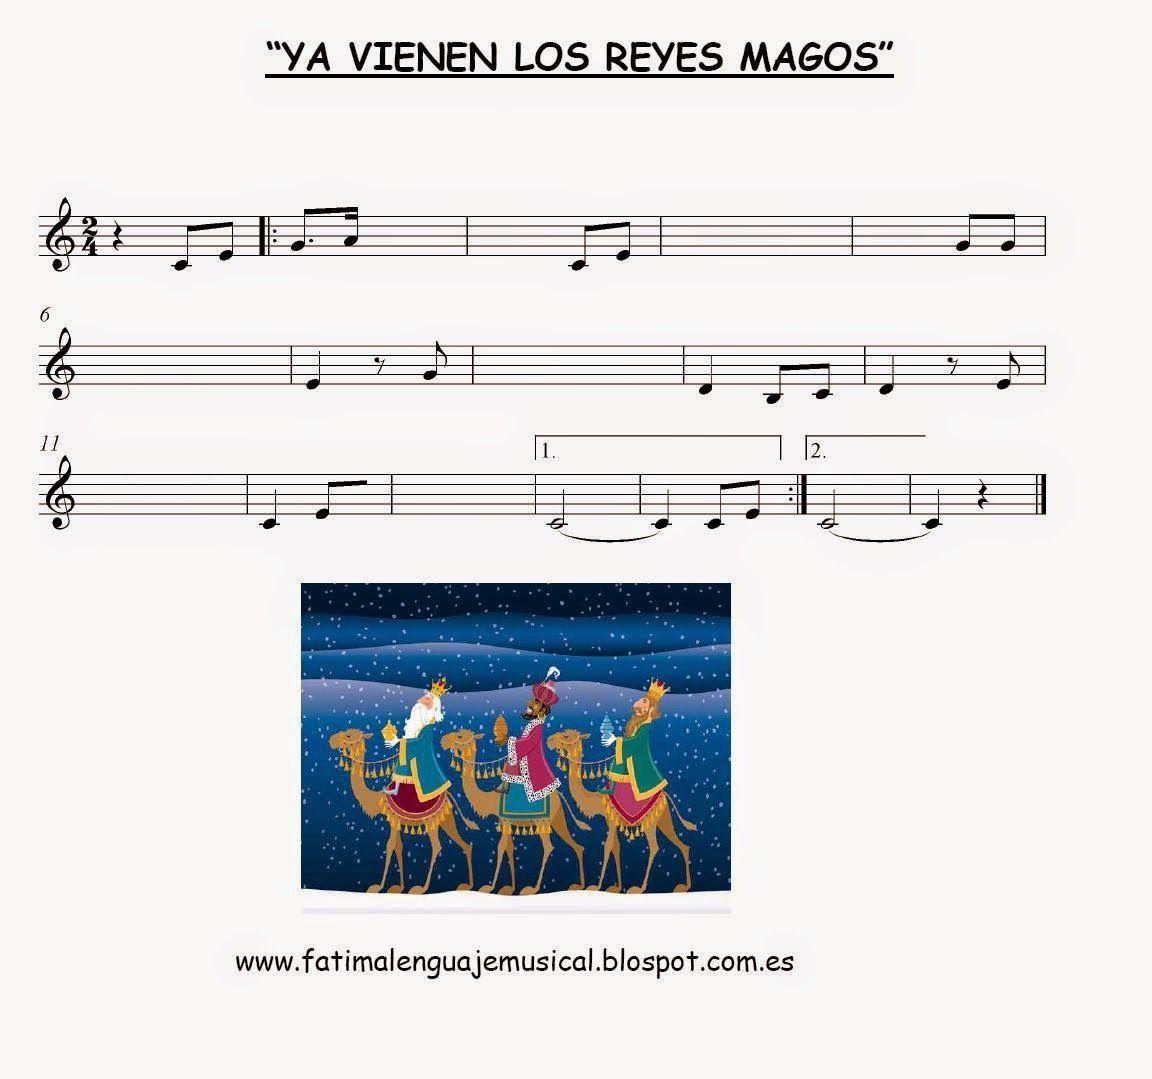 El Lenguaje Musical De Fátima Ya Vienen Los Reyes Magos Partitura Para Complet Ya Vienen Los Reyes Rey Mago Clase De Musica